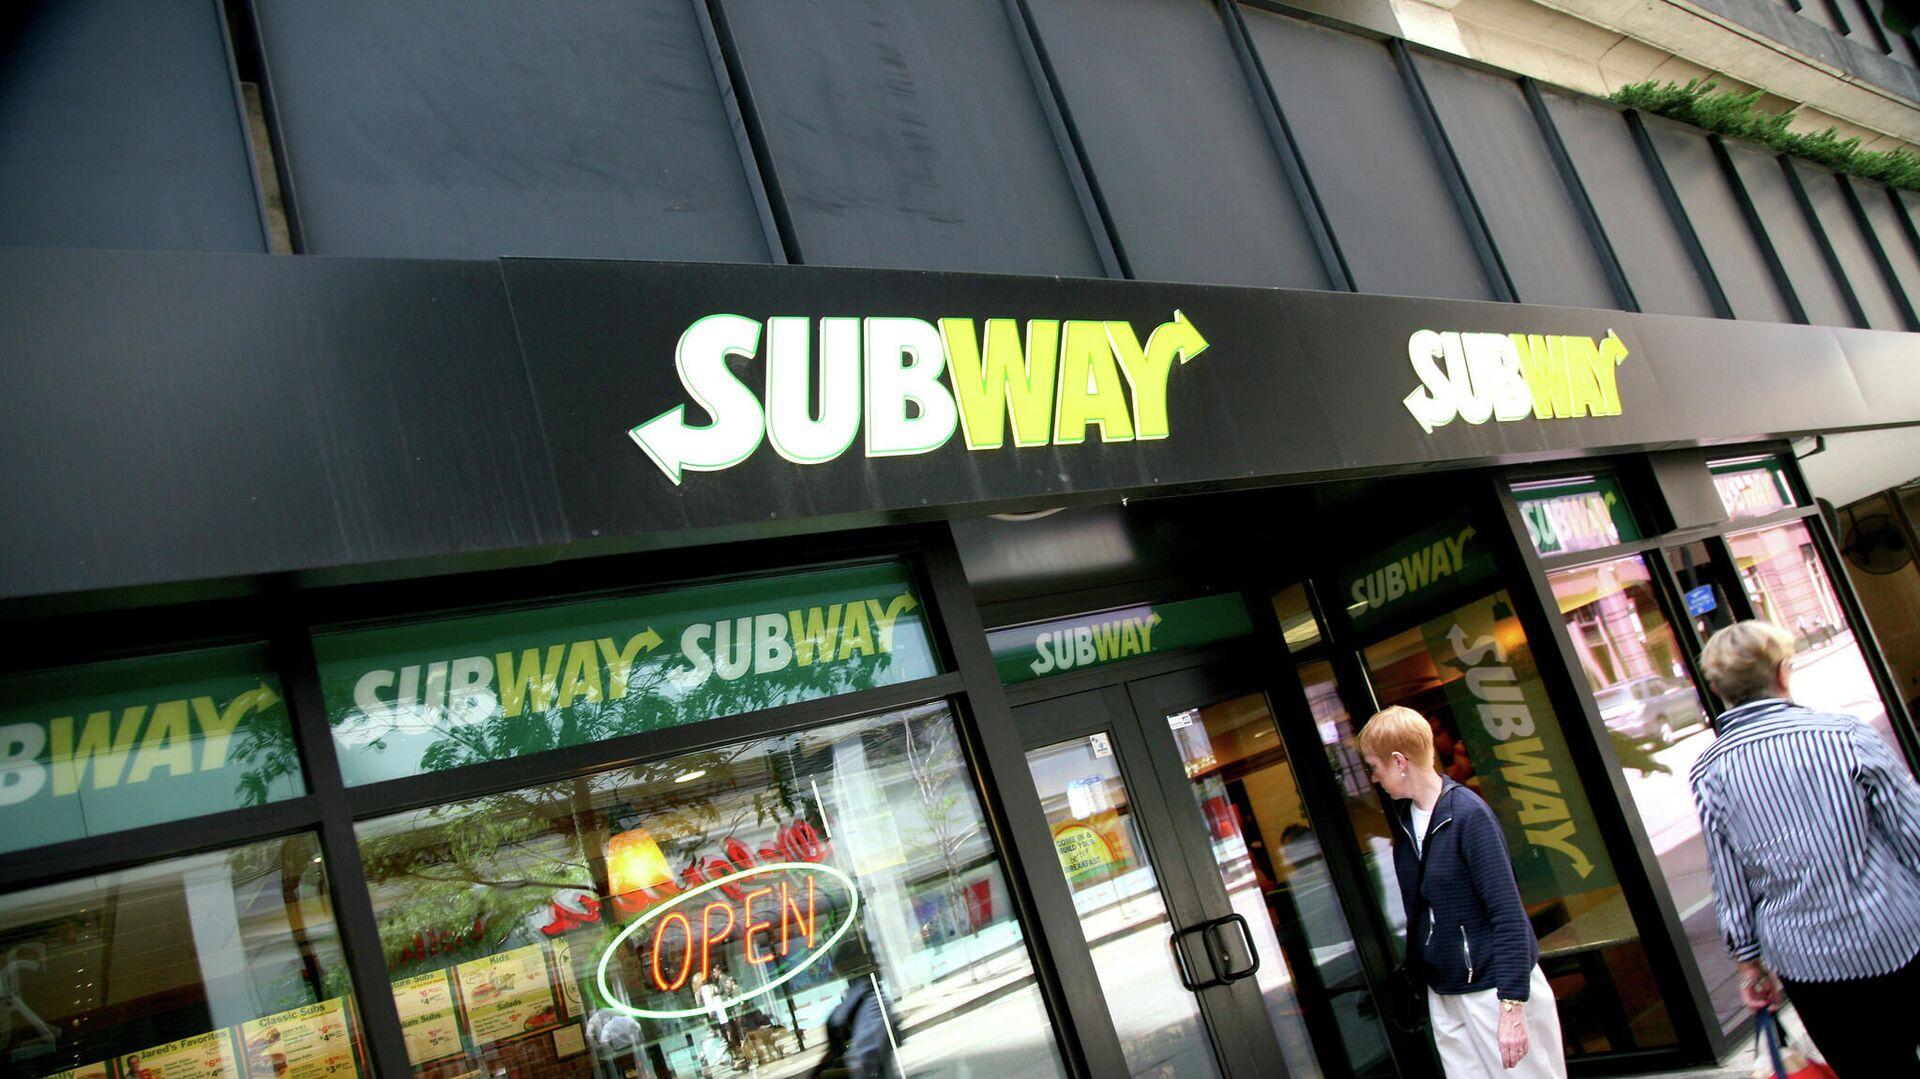 Subway (Symbolbild) - SNA, 1920, 19.09.2021